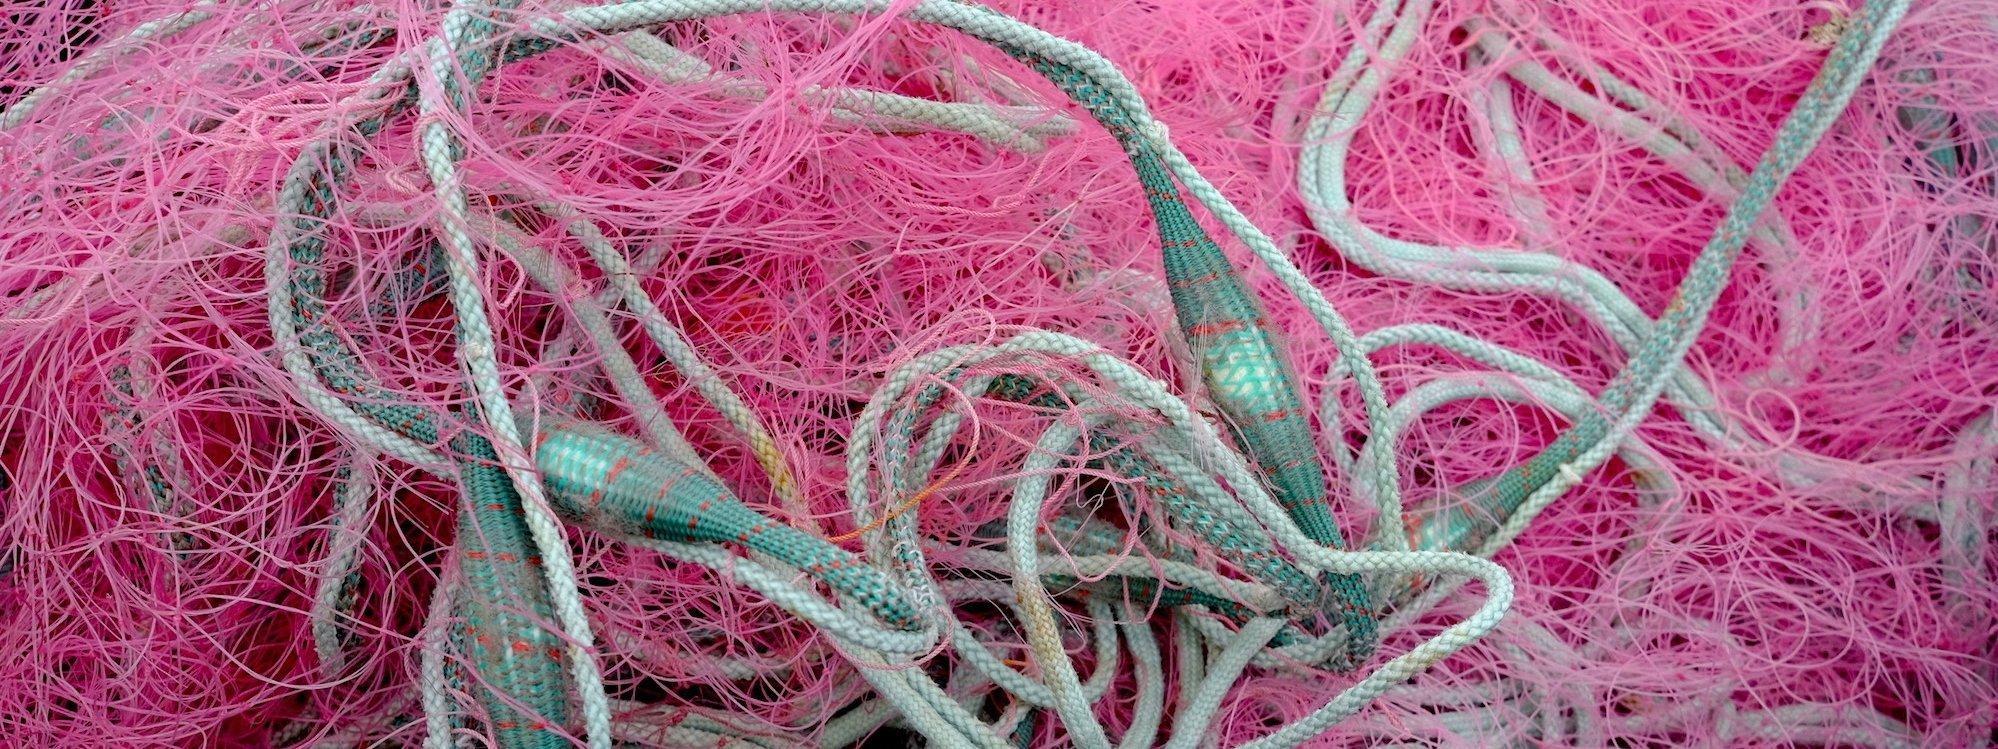 Ein rotes Fischernetz.